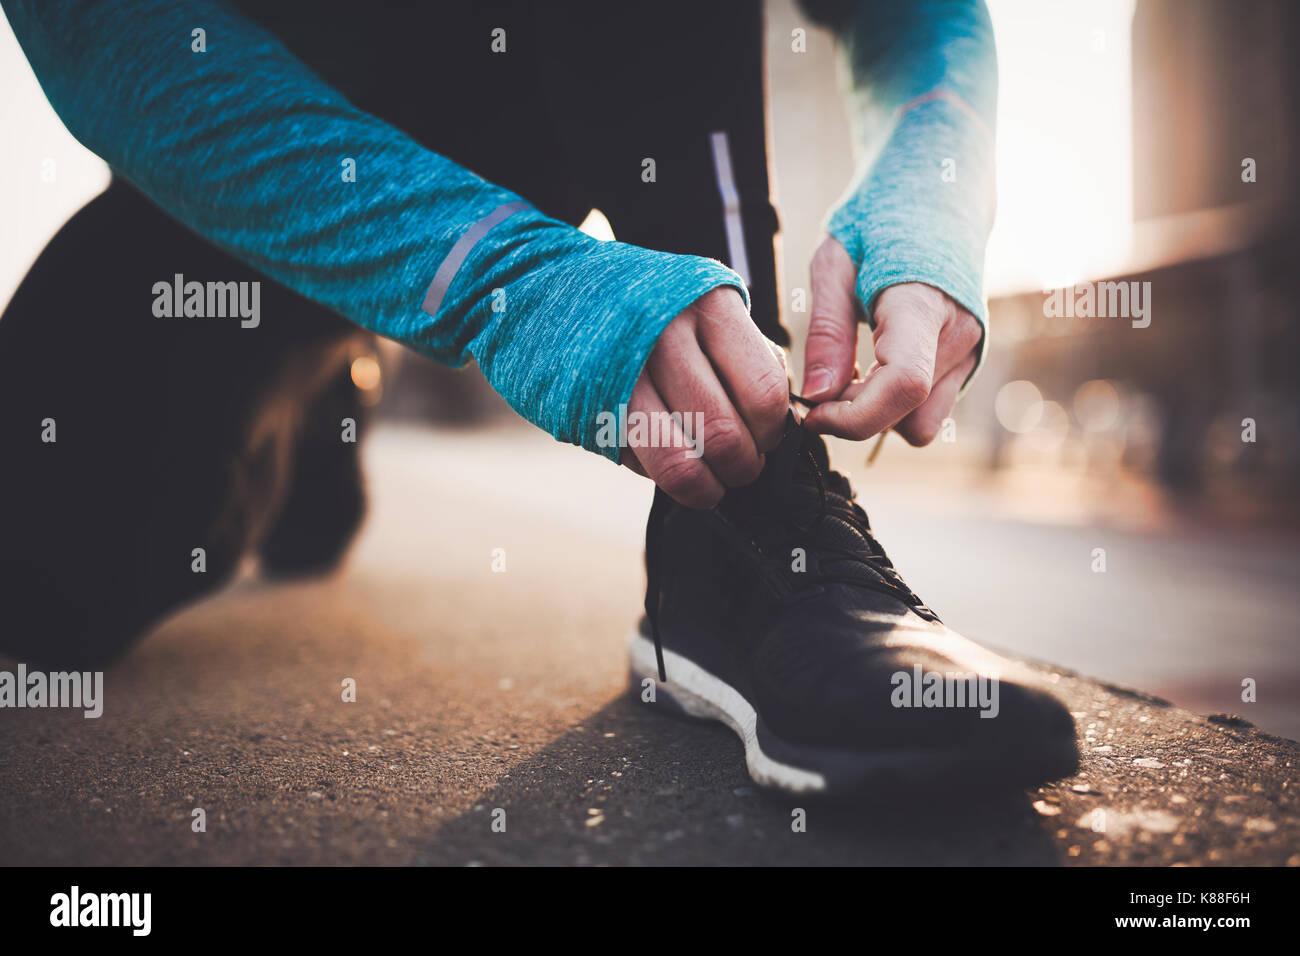 Le jogging et la course sont des reconstitutions de remise en forme Photo Stock